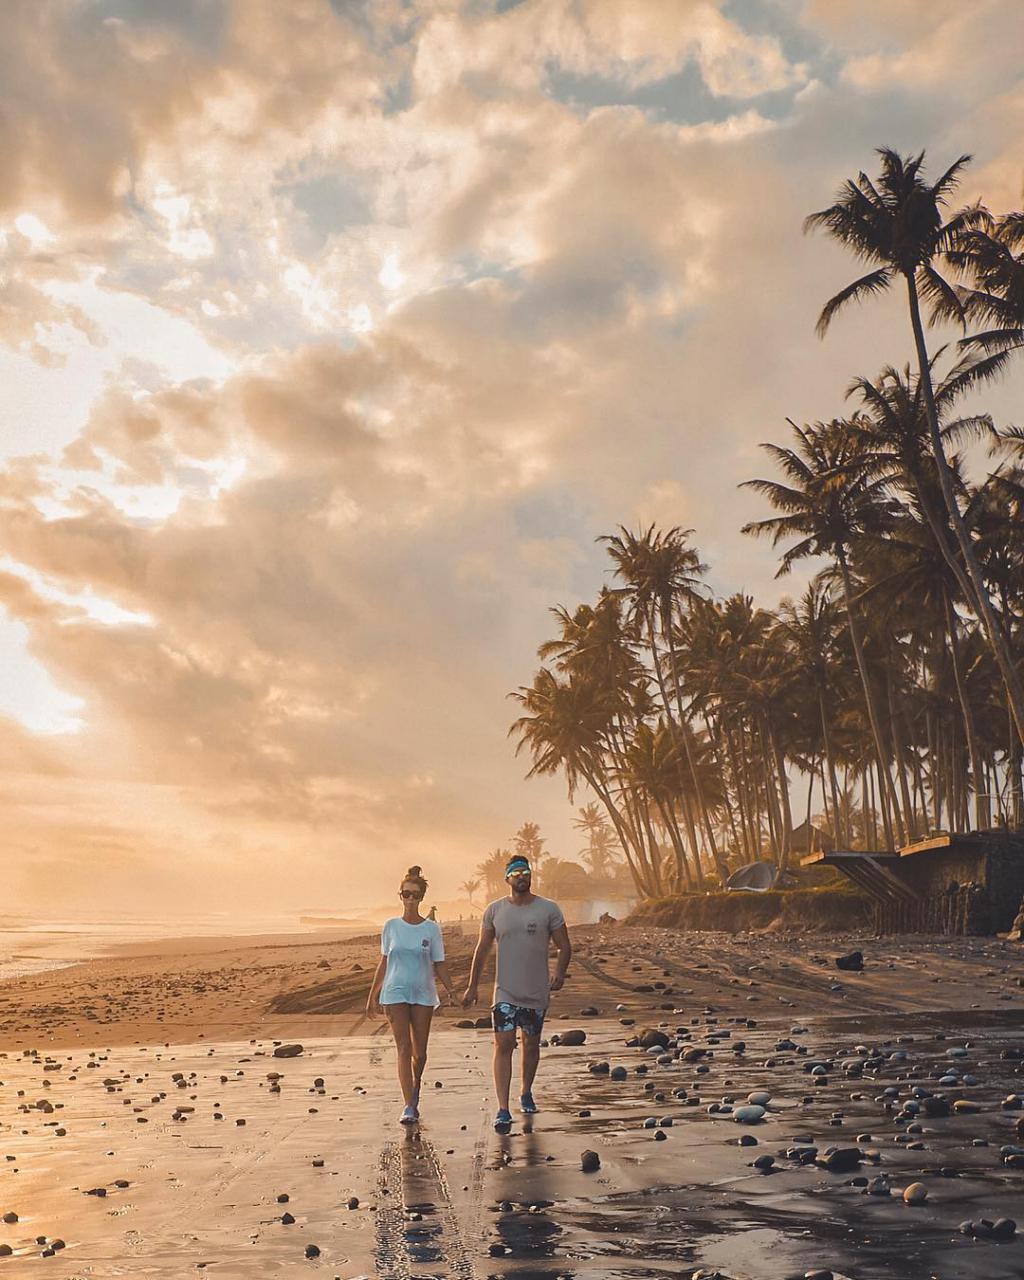 Pantai Pasut Beach, Tabanan, Bali